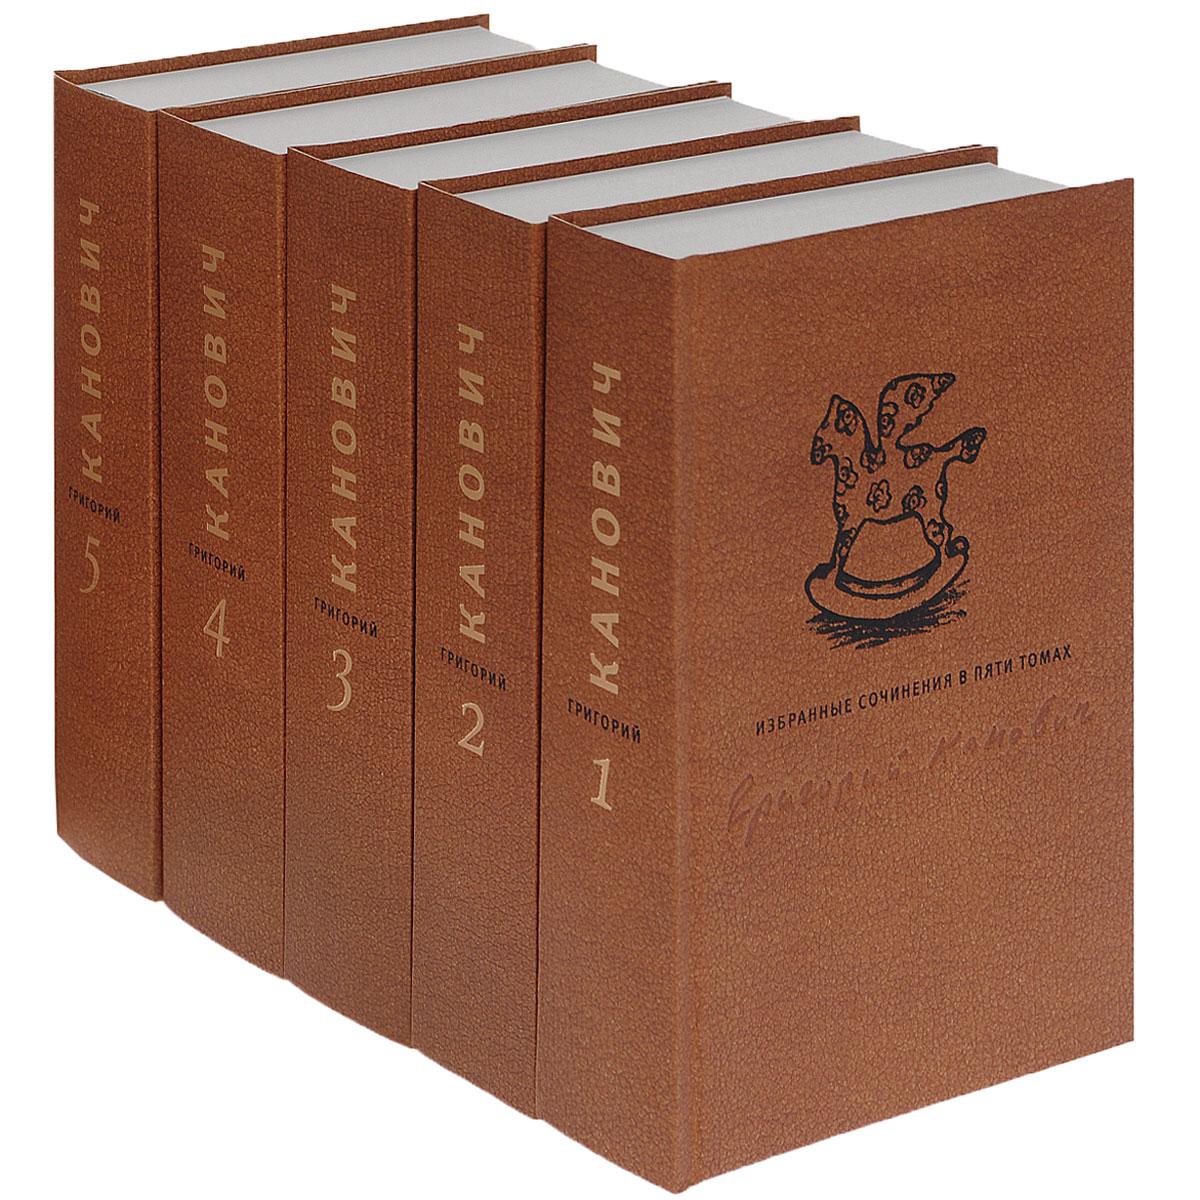 Григорий Канович Григорий Канович. Избранные сочинения. В 5 томах (комплект)